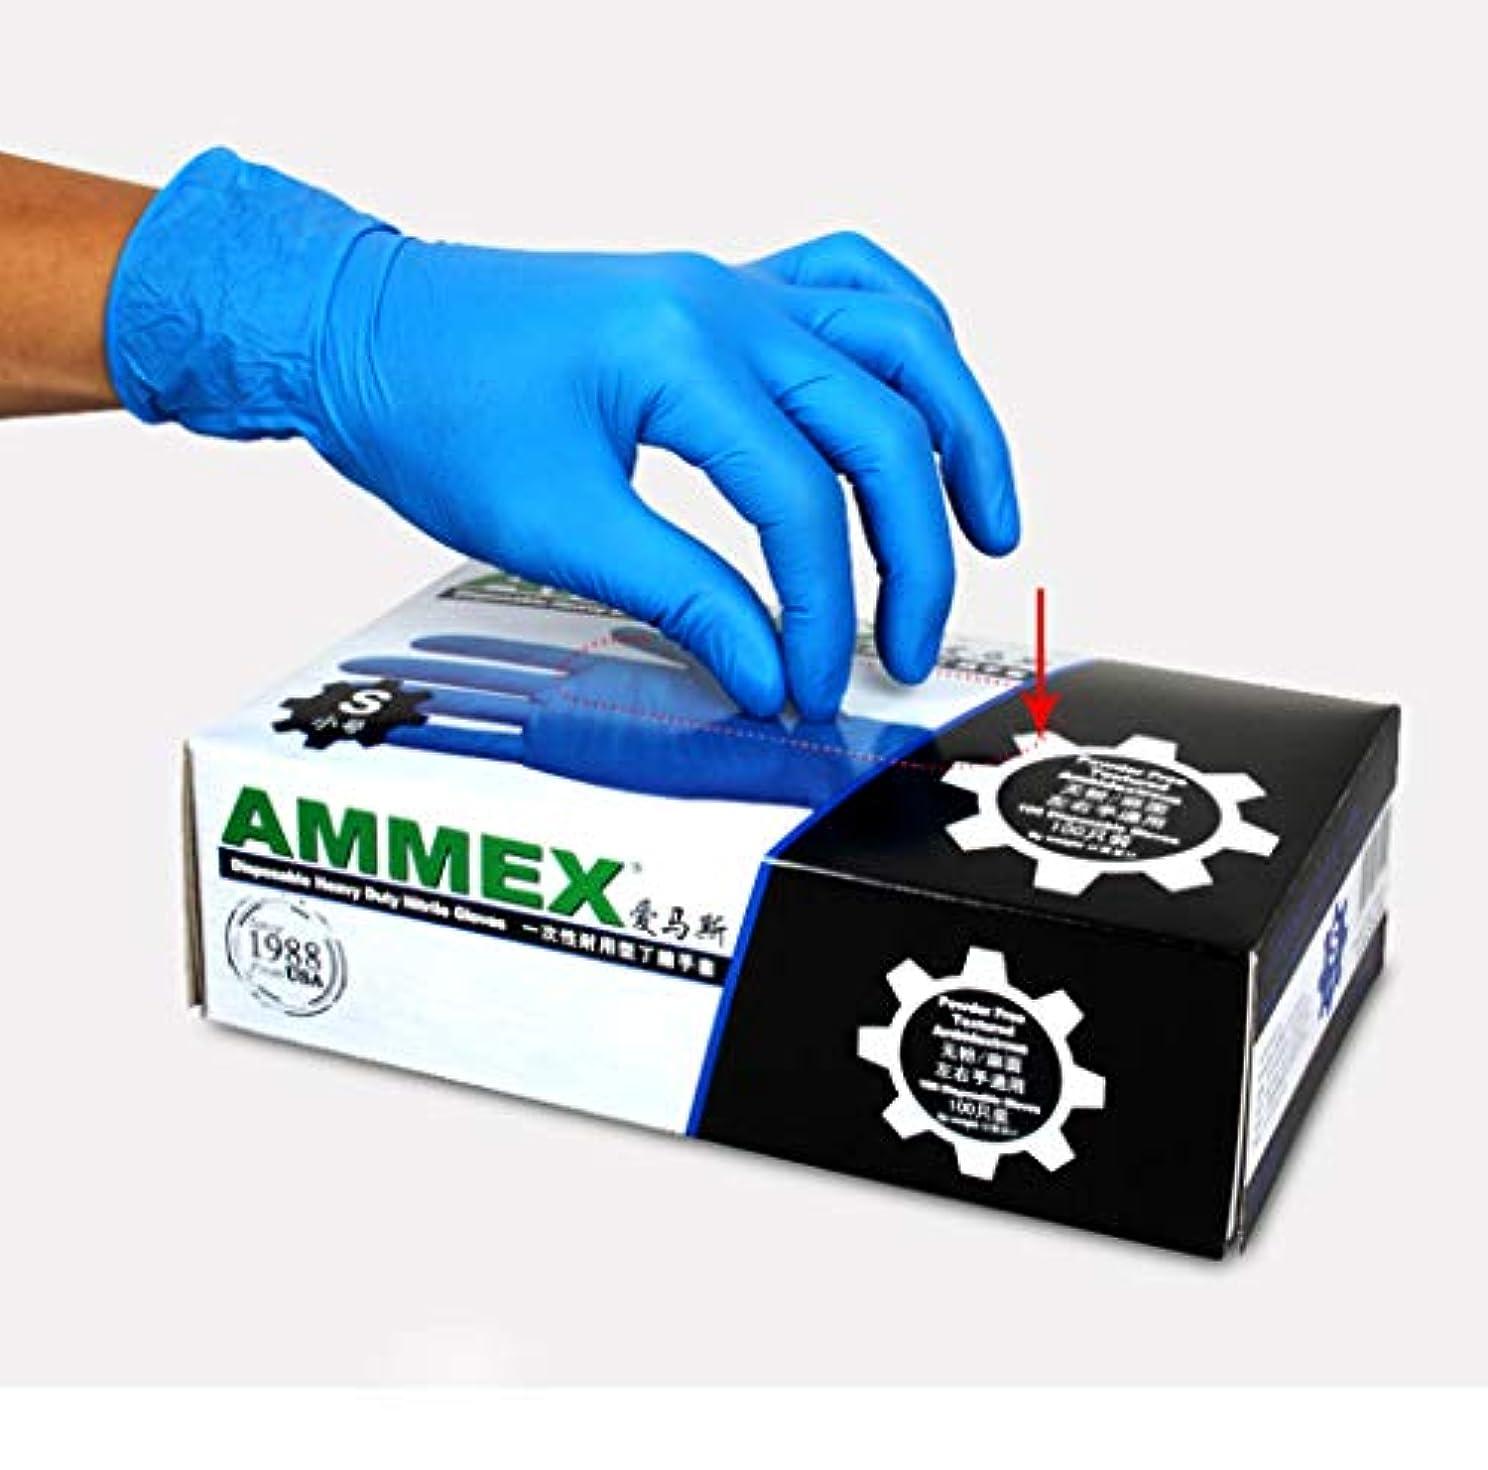 路地オークランドギャロップ使い捨て手袋、粉末フリー、食品グレードの手袋、青、ラテックスフリー、手袋、100 / Box,S100/Box